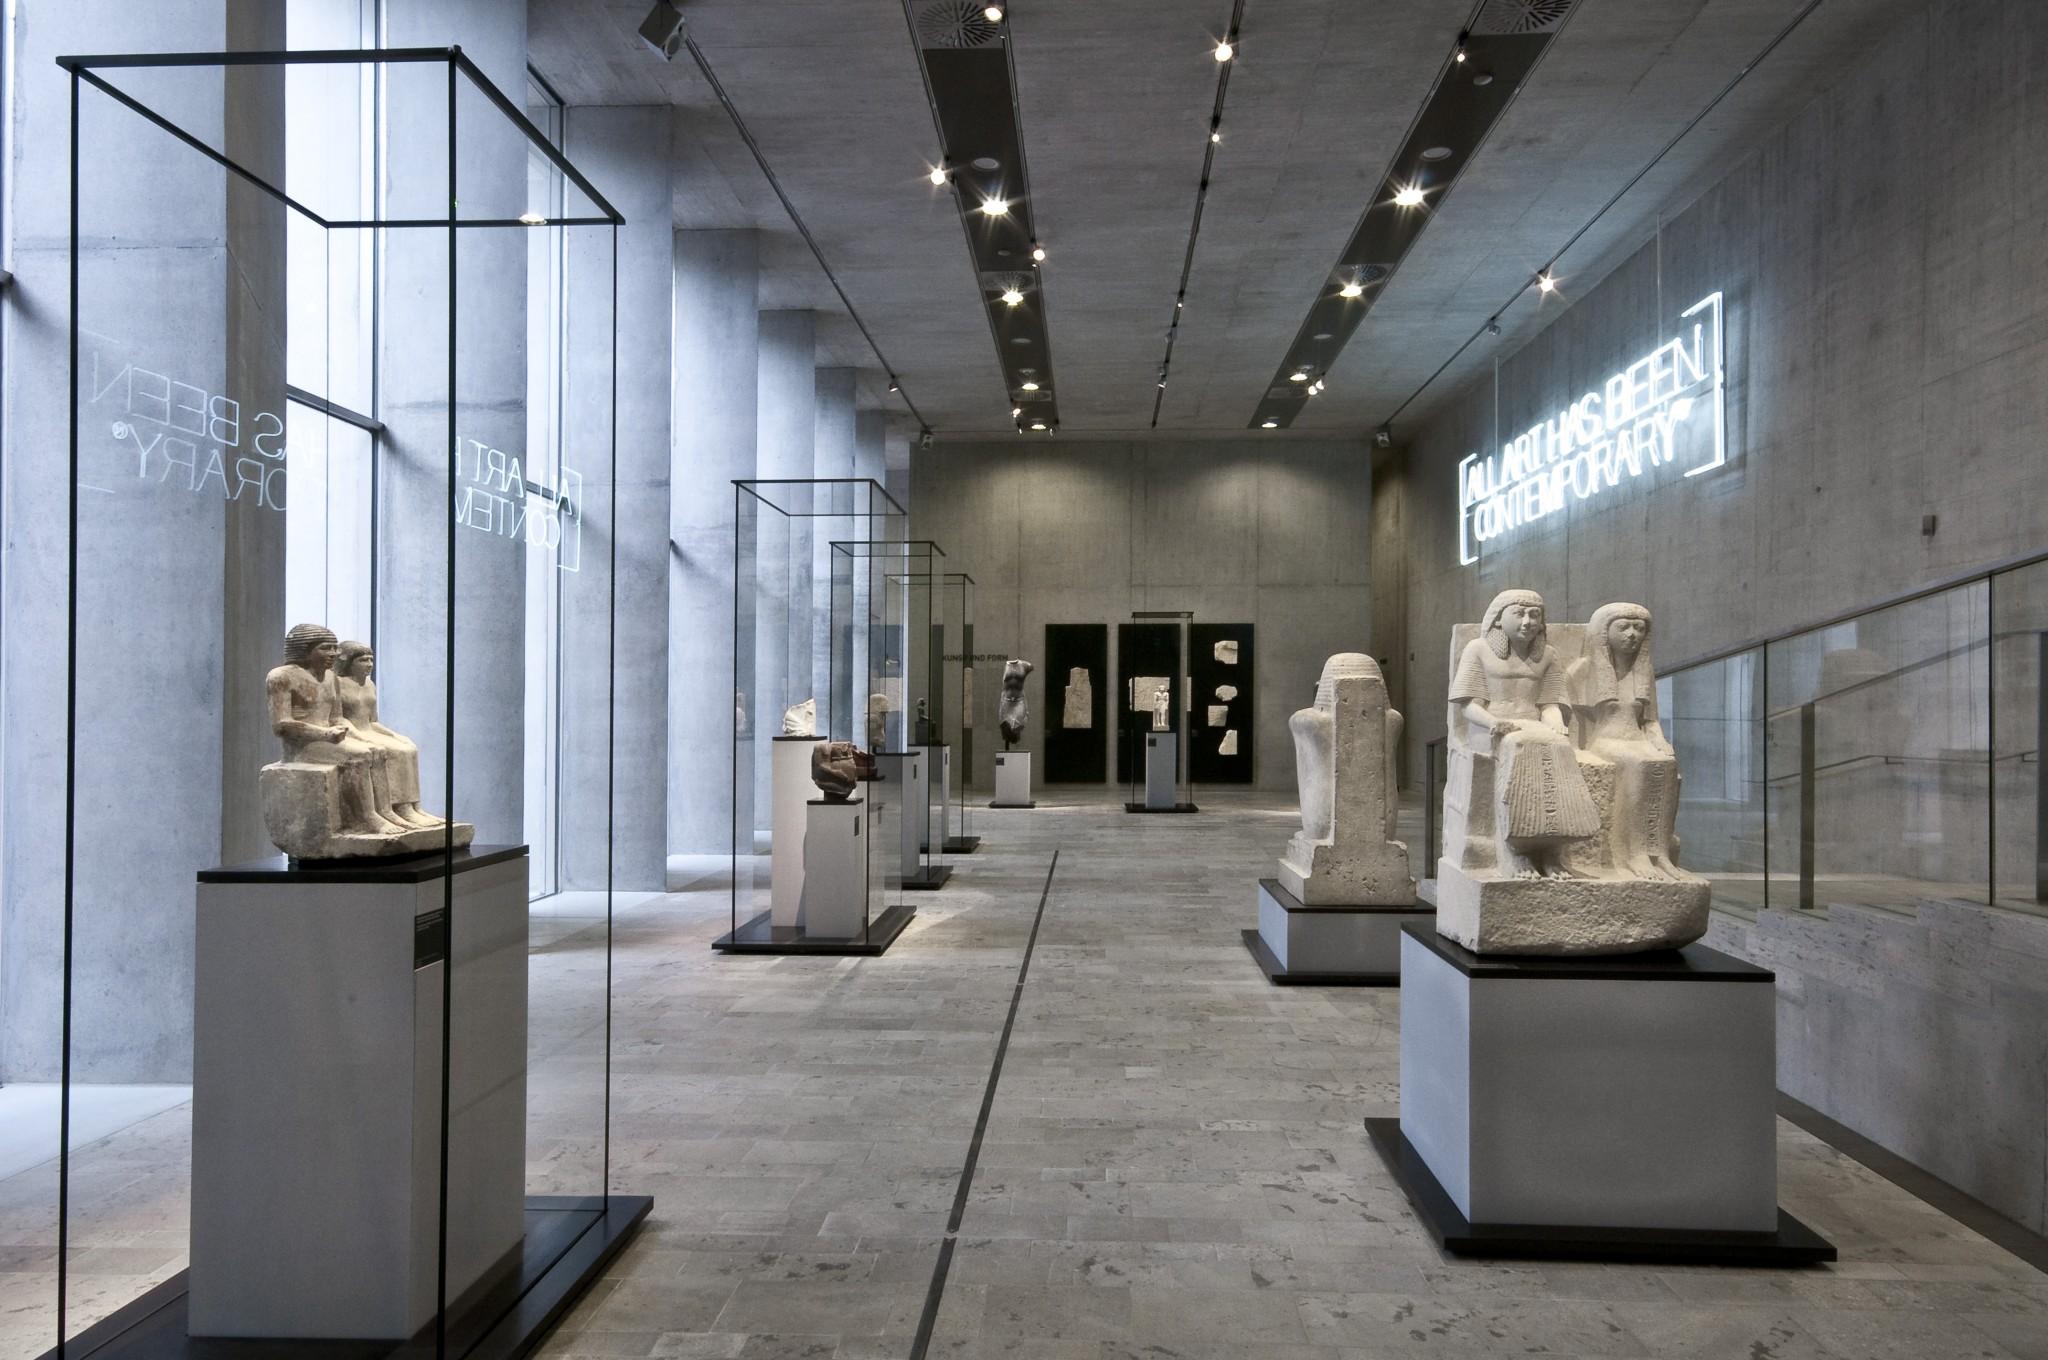 agyptisches-museum_monaco-di-baviera